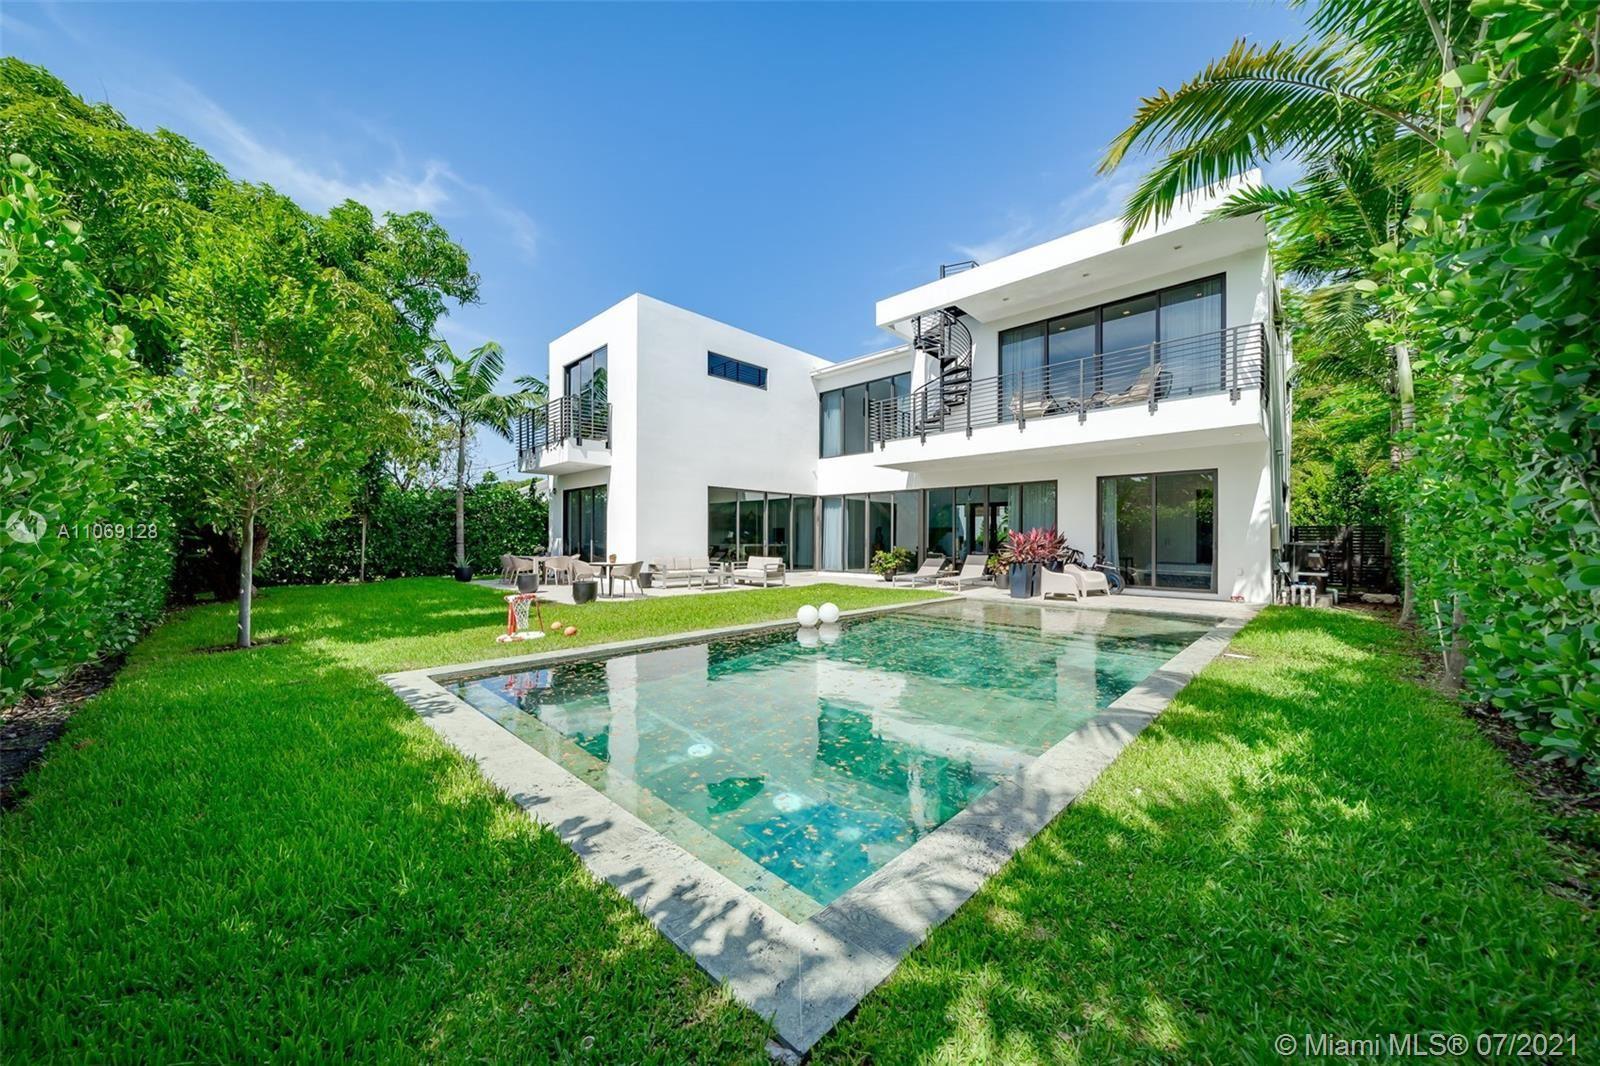 4494 Adams Ave, Miami Beach, FL 33140 - #: A11069128